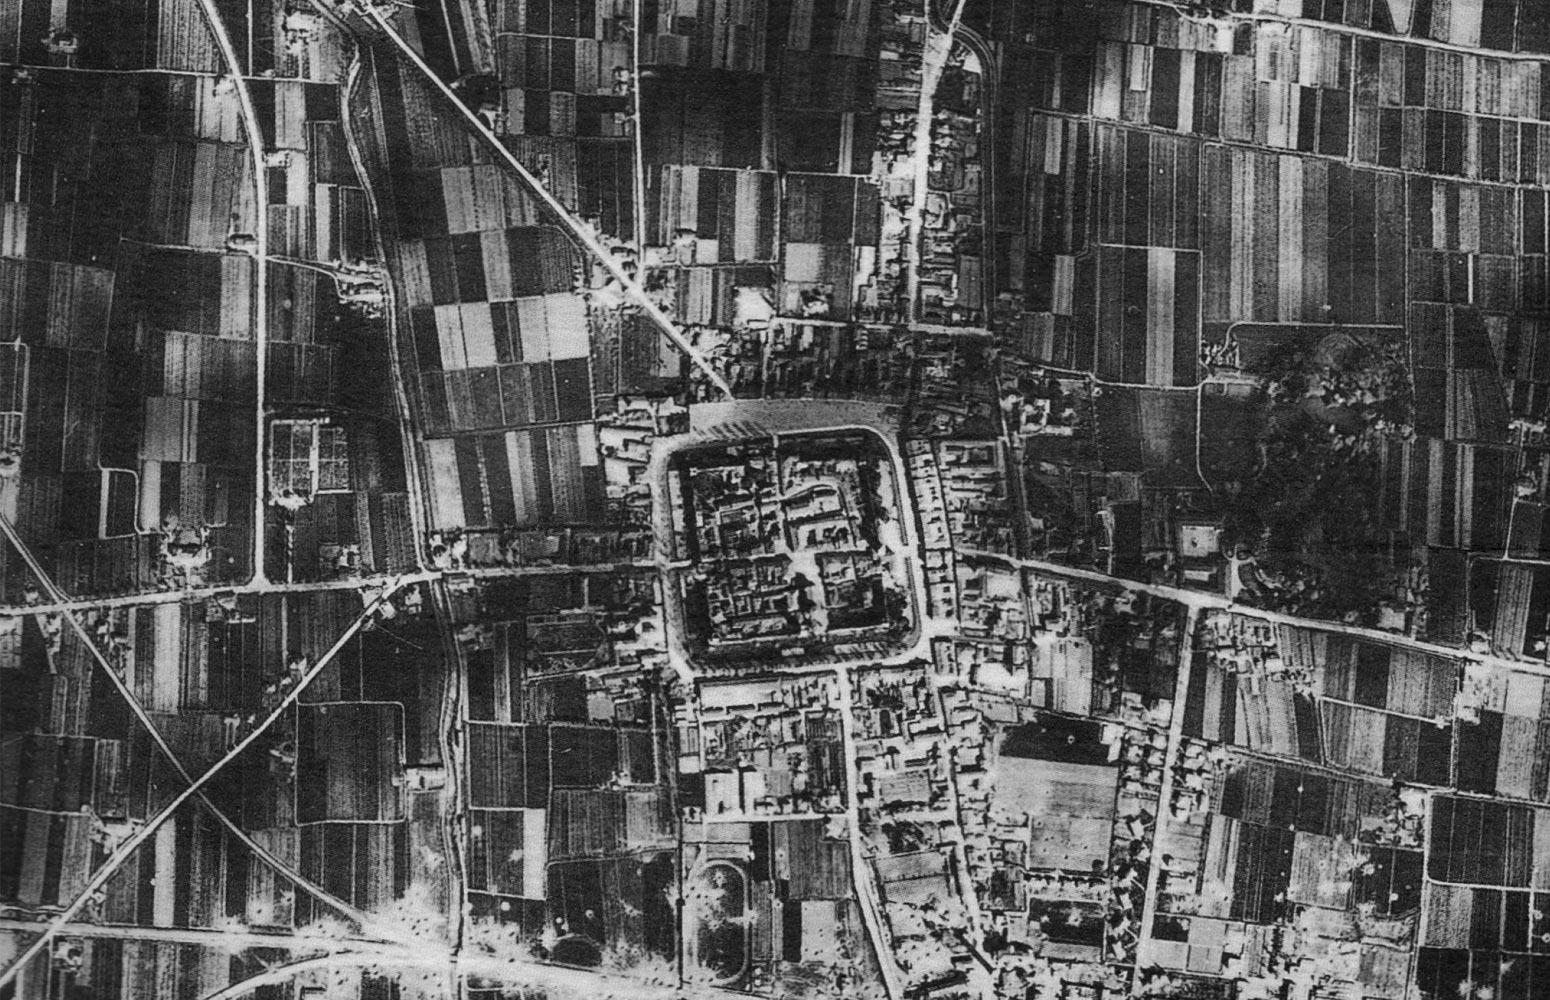 Castelfranco dall'alto durante la Seconda Guerra Mondiale